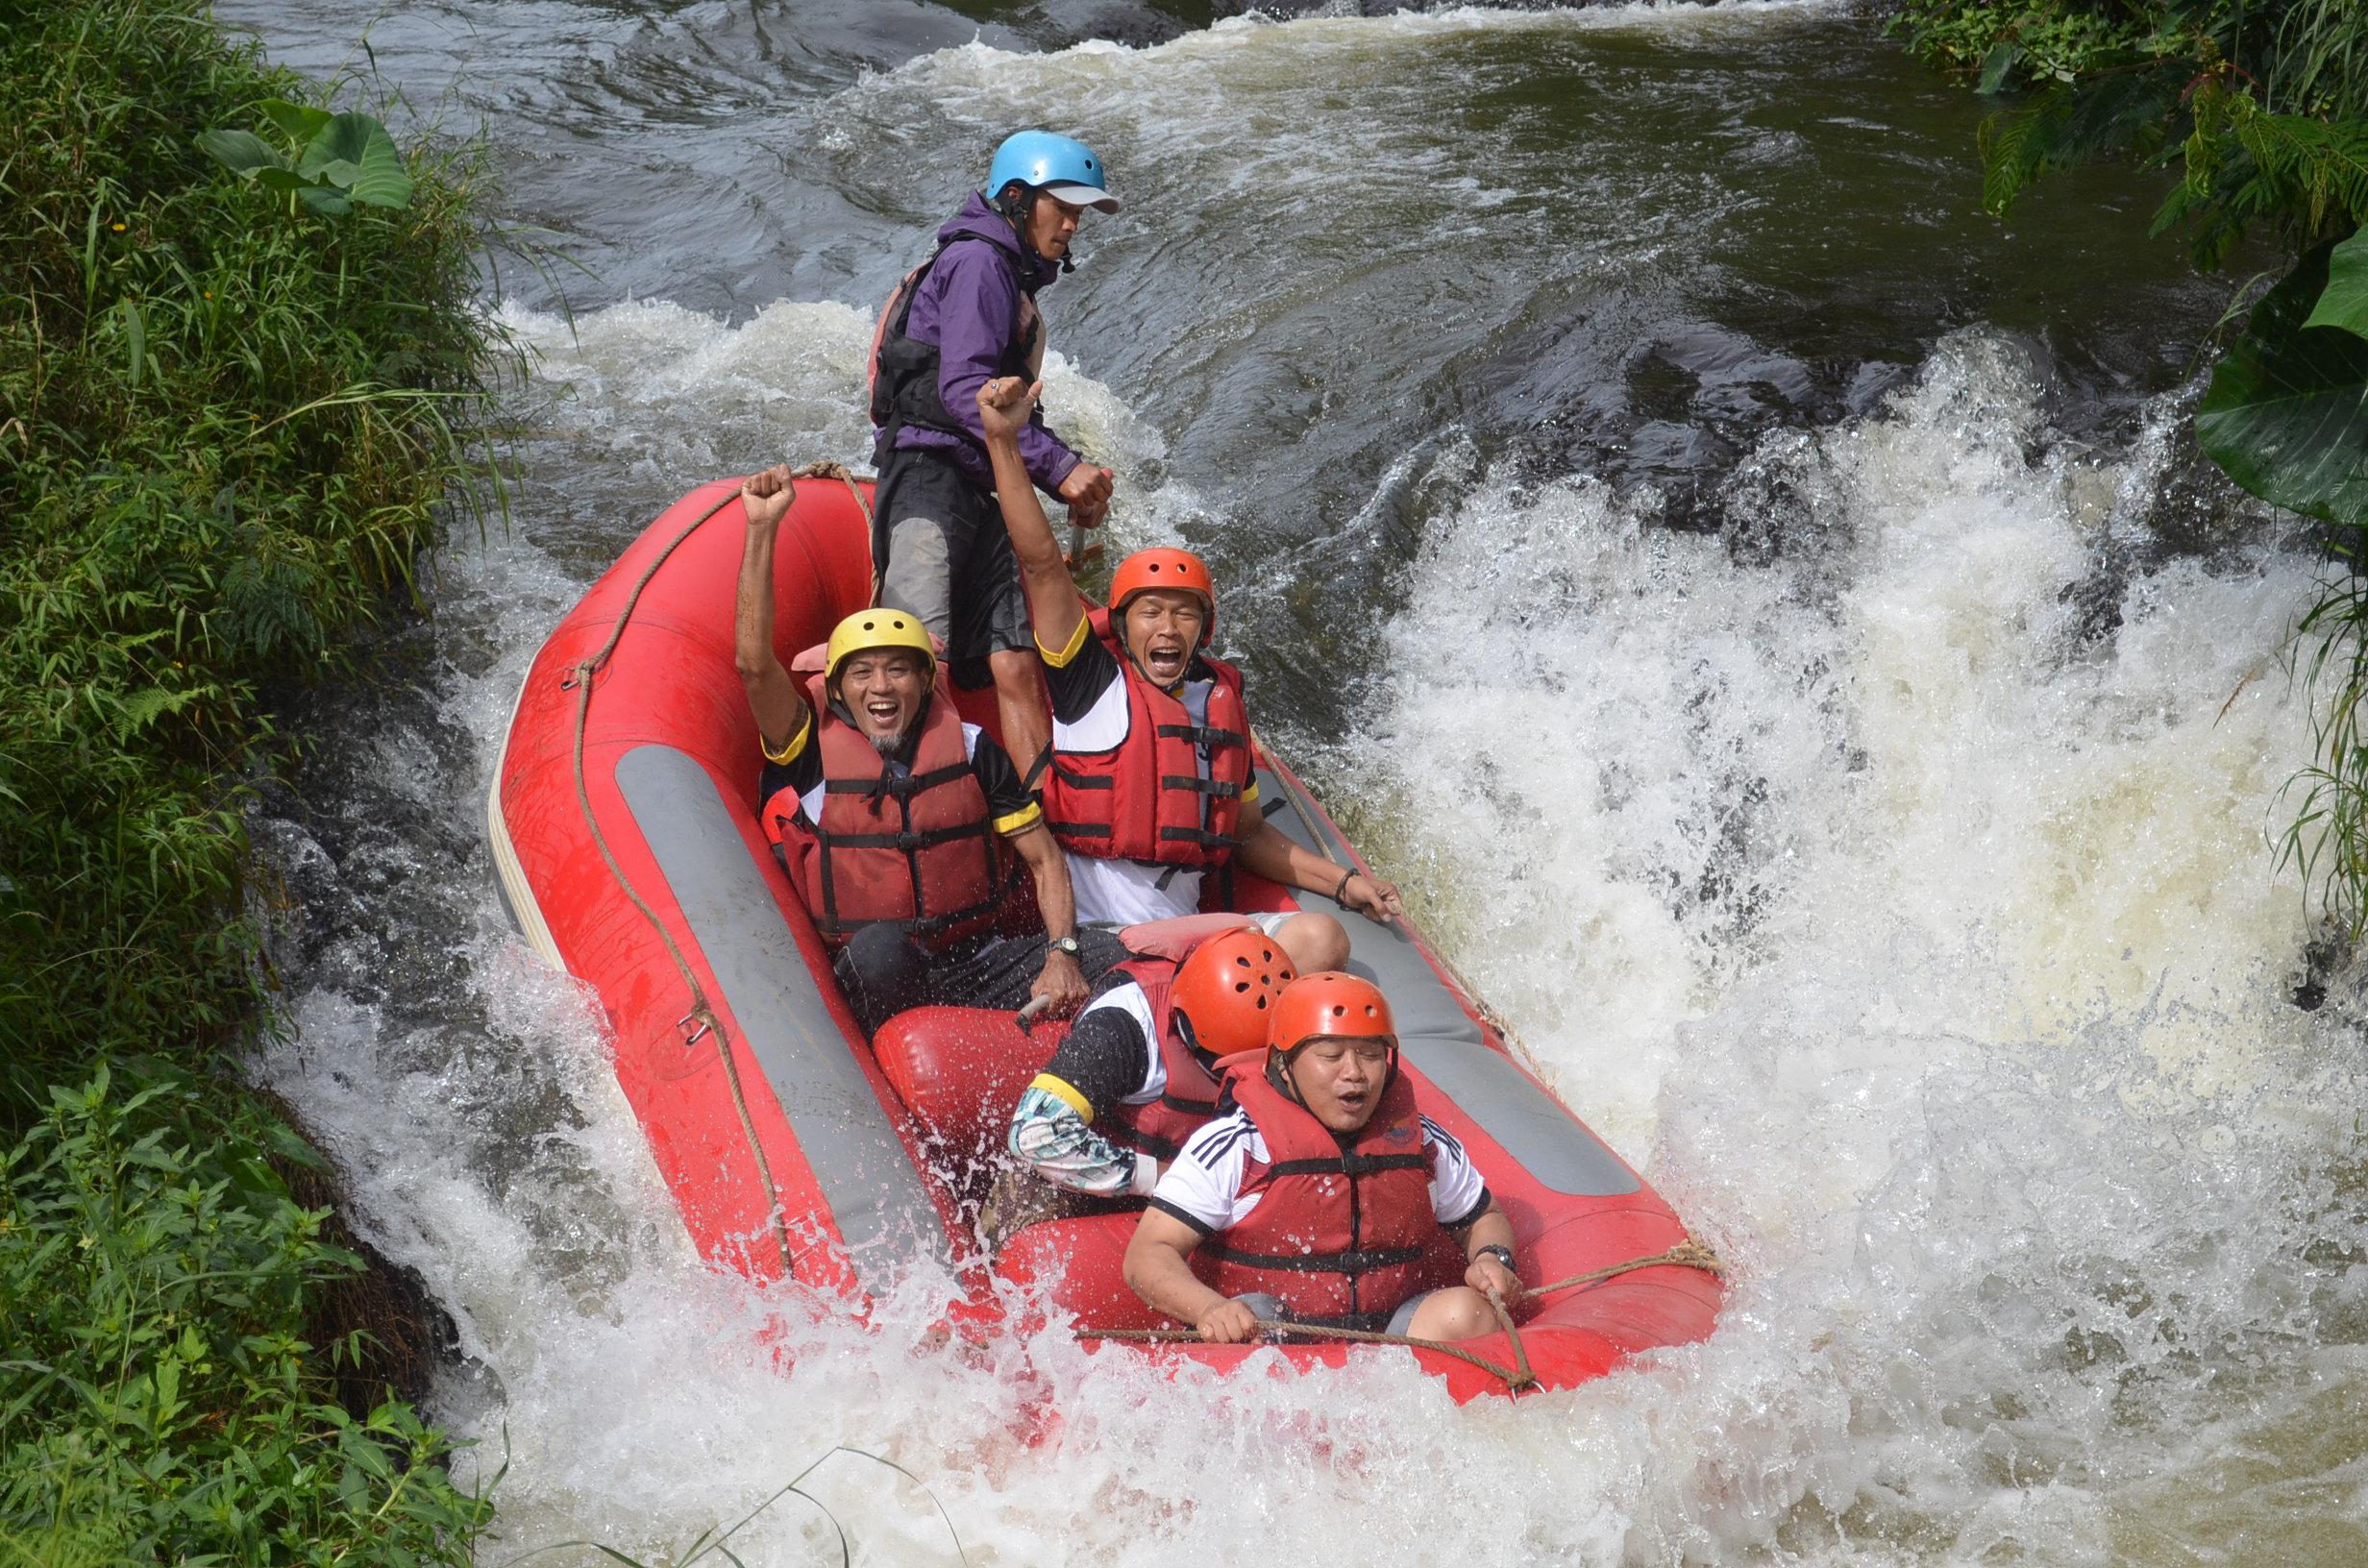 wahana-wisata-rafting-pangalengan-bandung-selatan-24